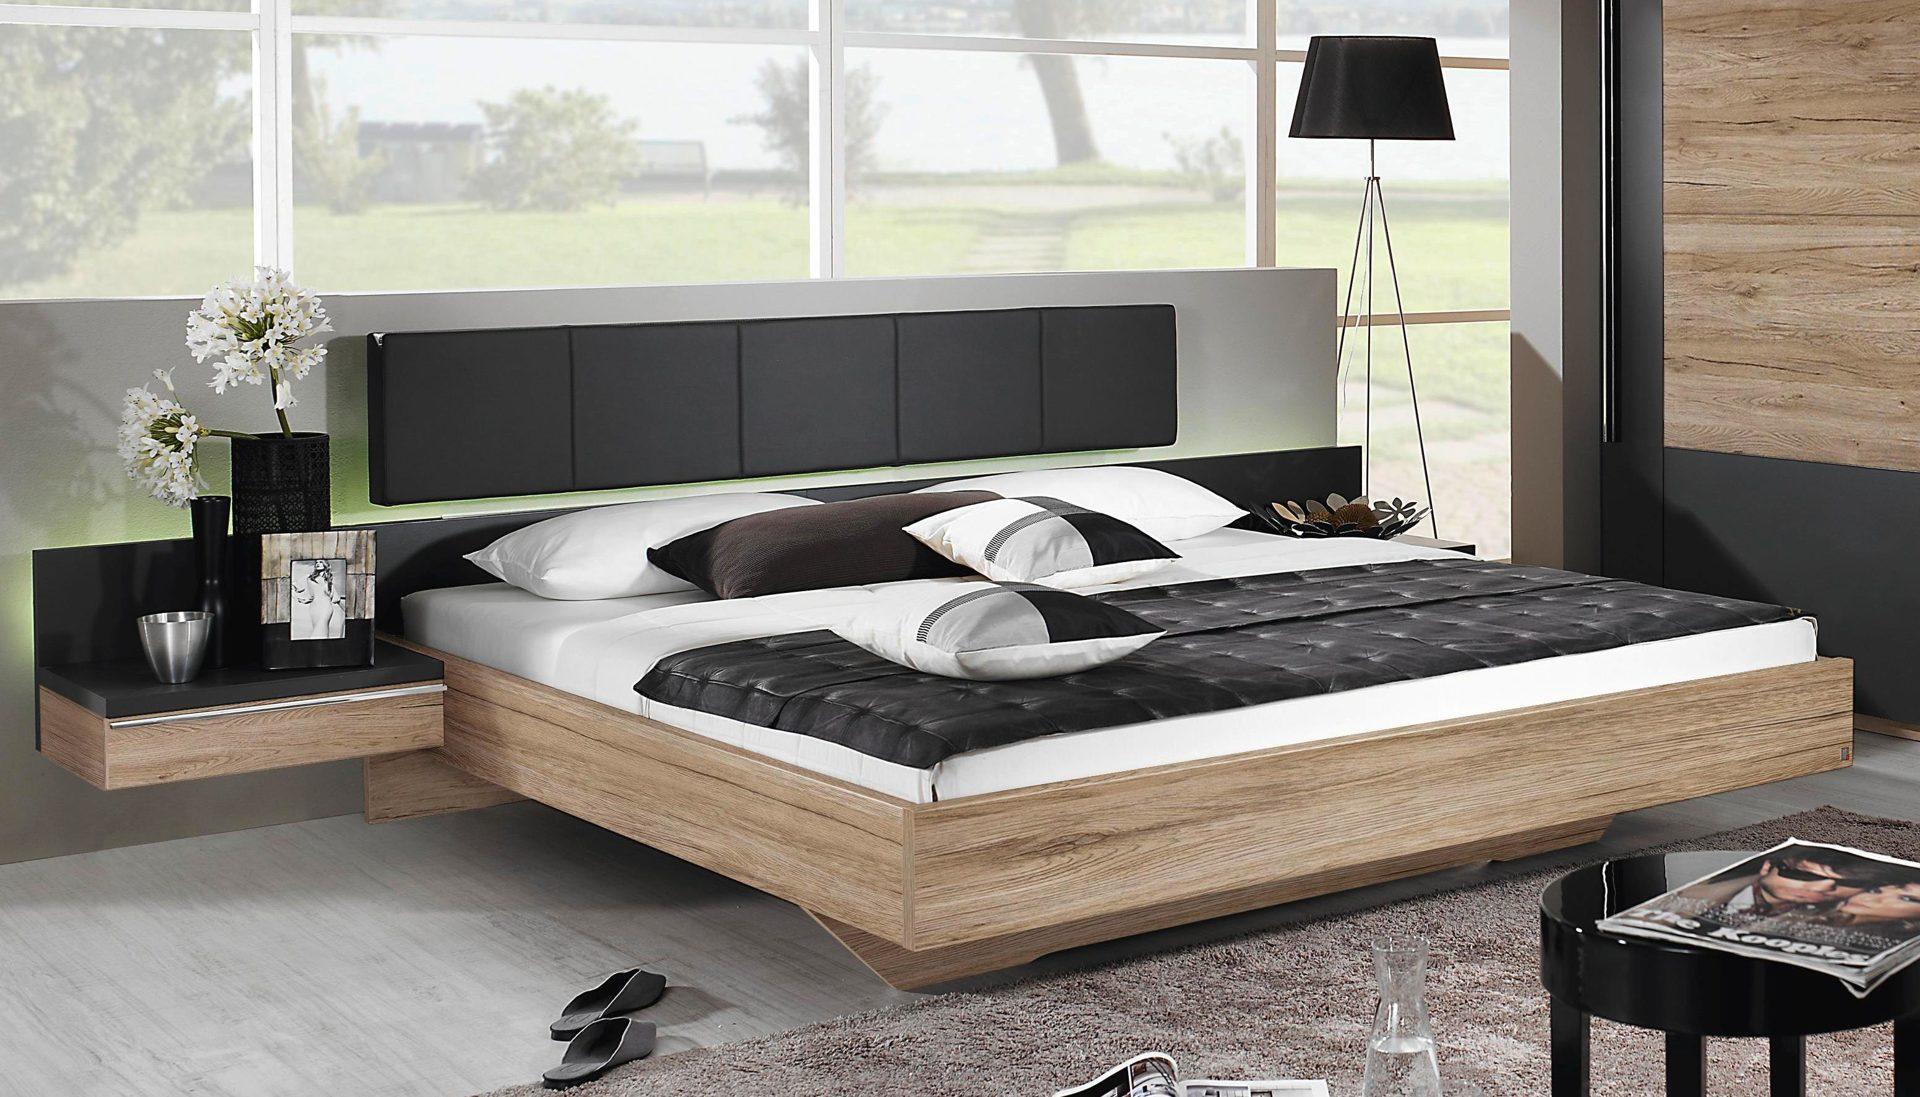 Schlafzimmer garnitur: bett, schlafzimmer möbel gebraucht kaufen ...